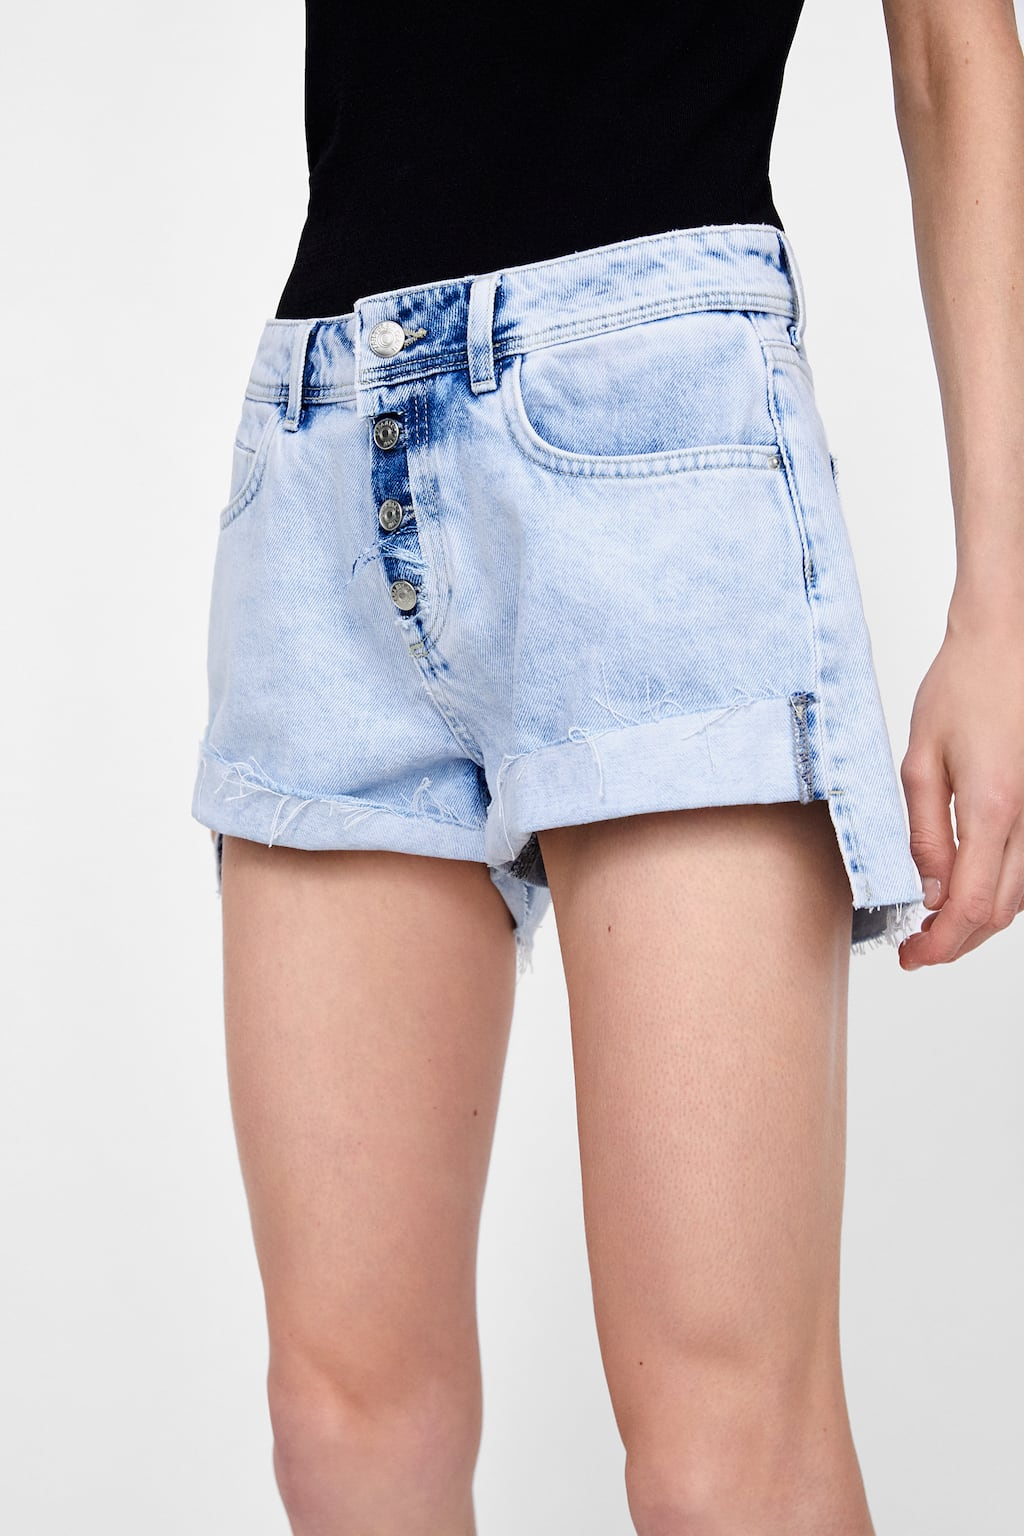 https://www.zara.com/ca/en/high-waisted-bleached-shorts-z1975-p06164154.html?v1=6452575&v2=1074835